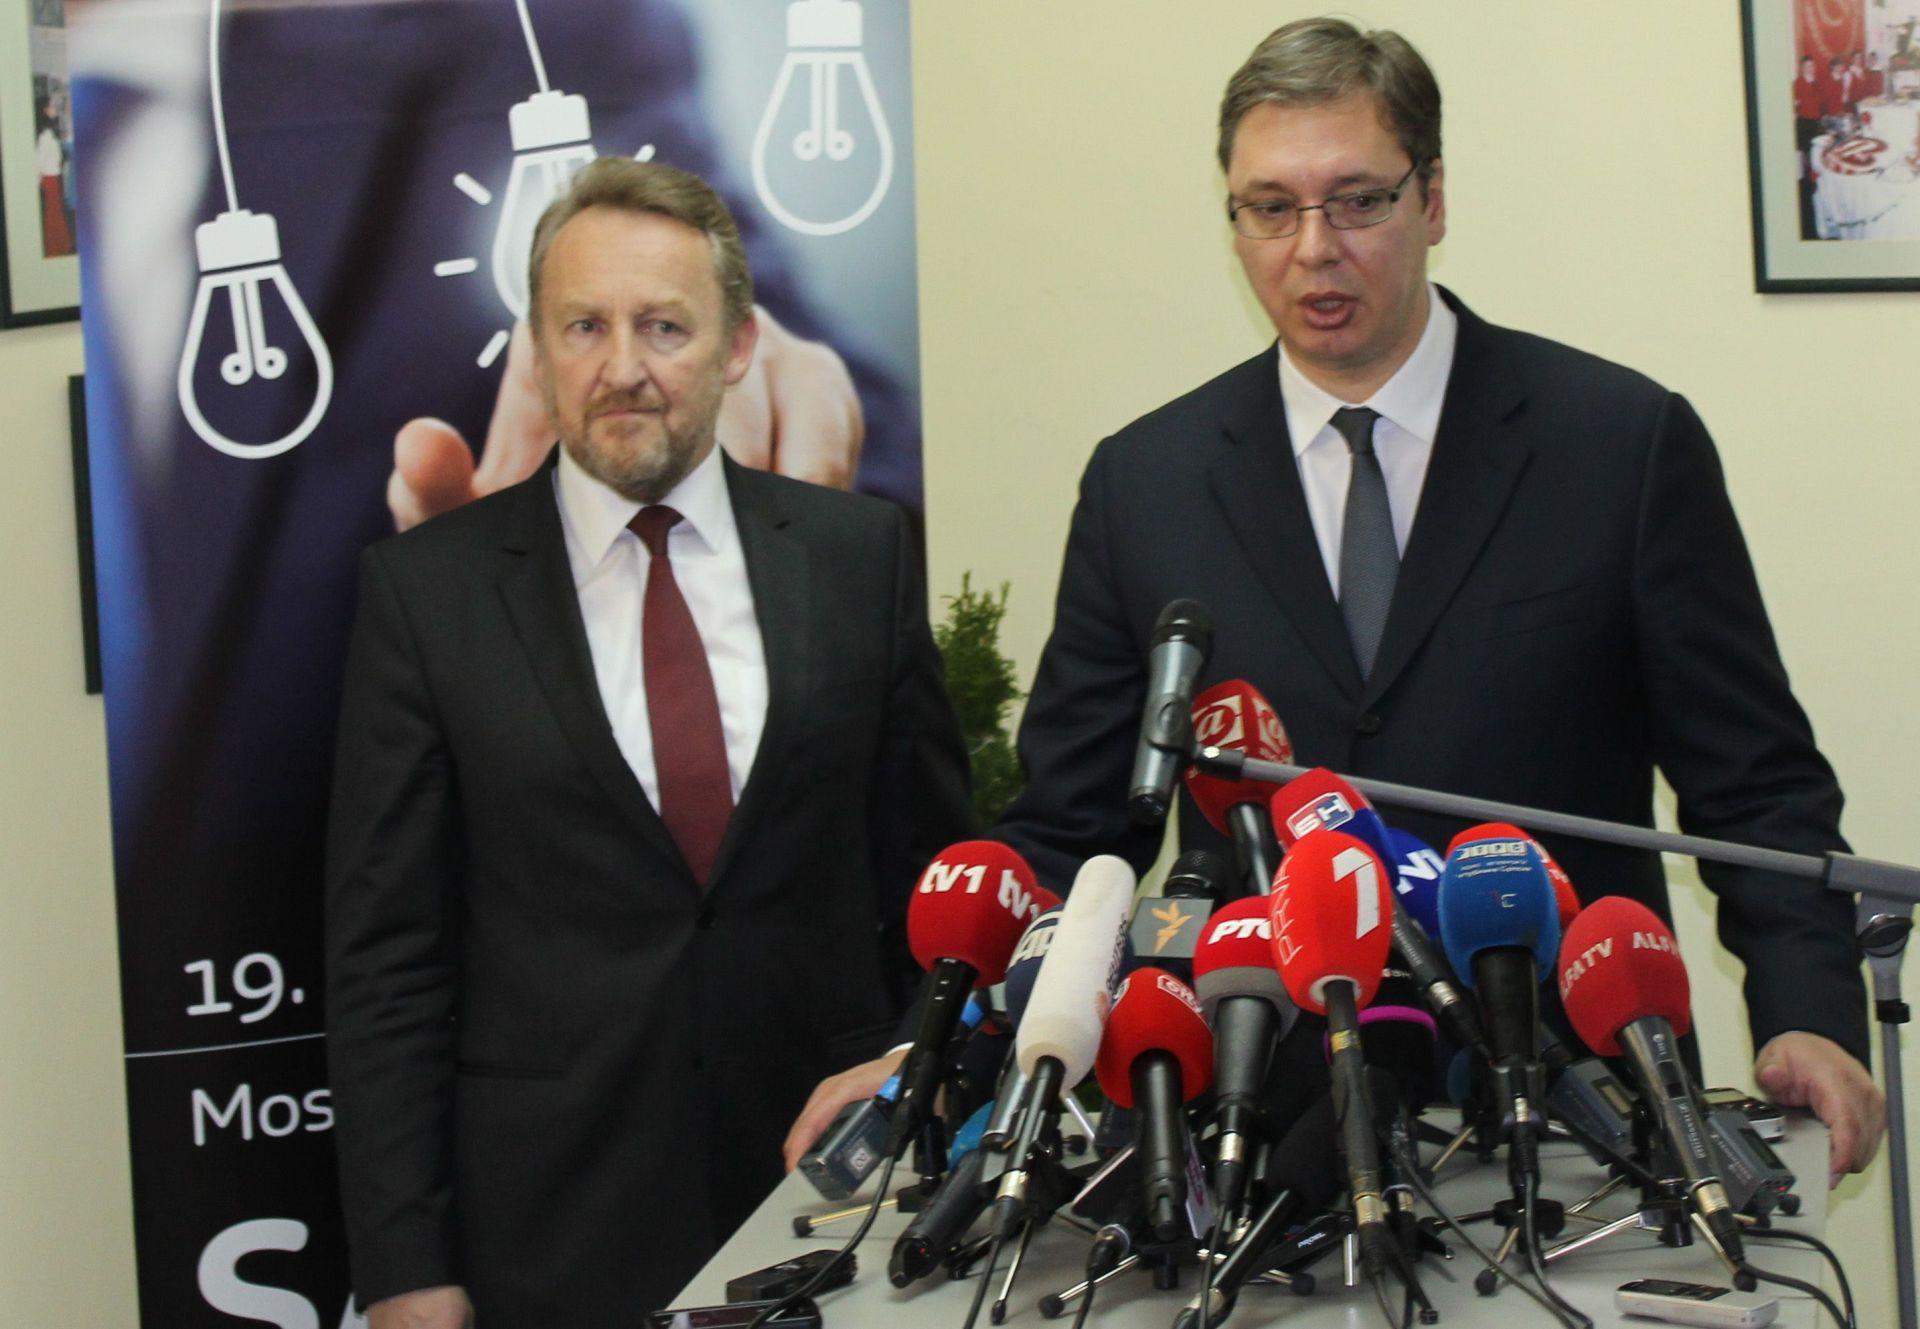 Sastanak Vučić-Izetbegović: Odnosi Srba i Bošnjaka ključni za mir u regiji